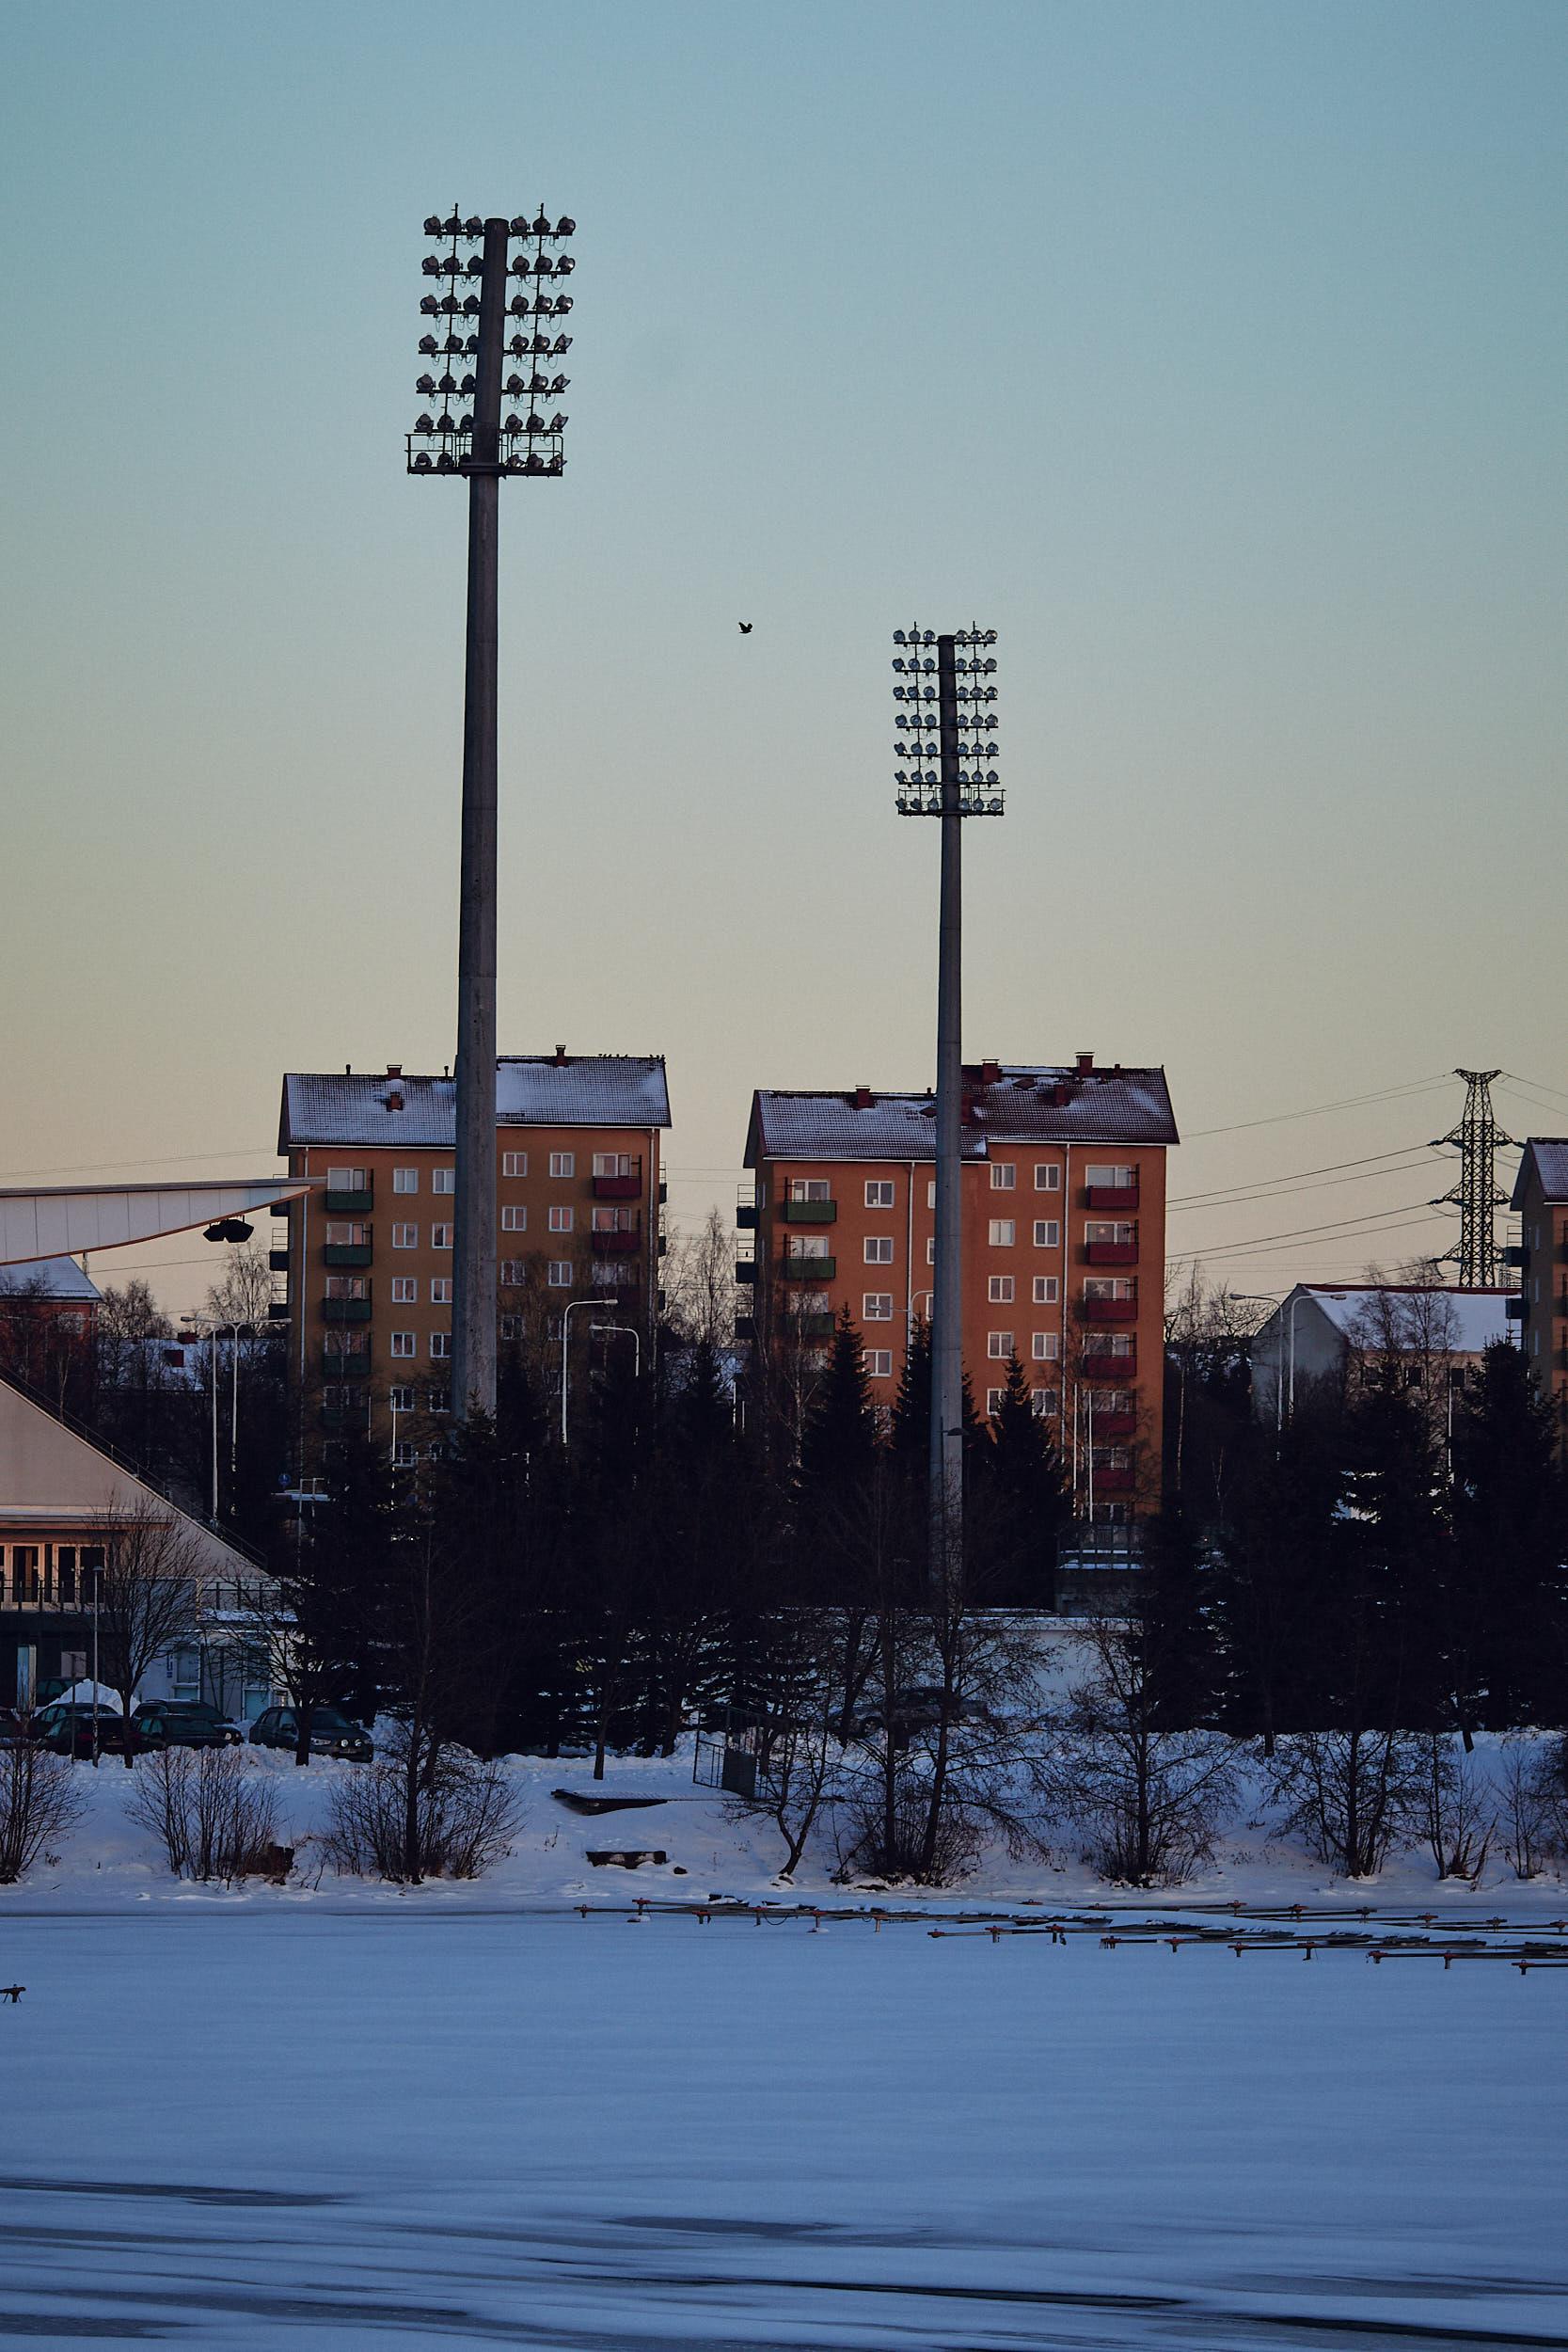 135 mm - 2019-01-07 11.57.45 - Oulu Week 2 Mix.jpg